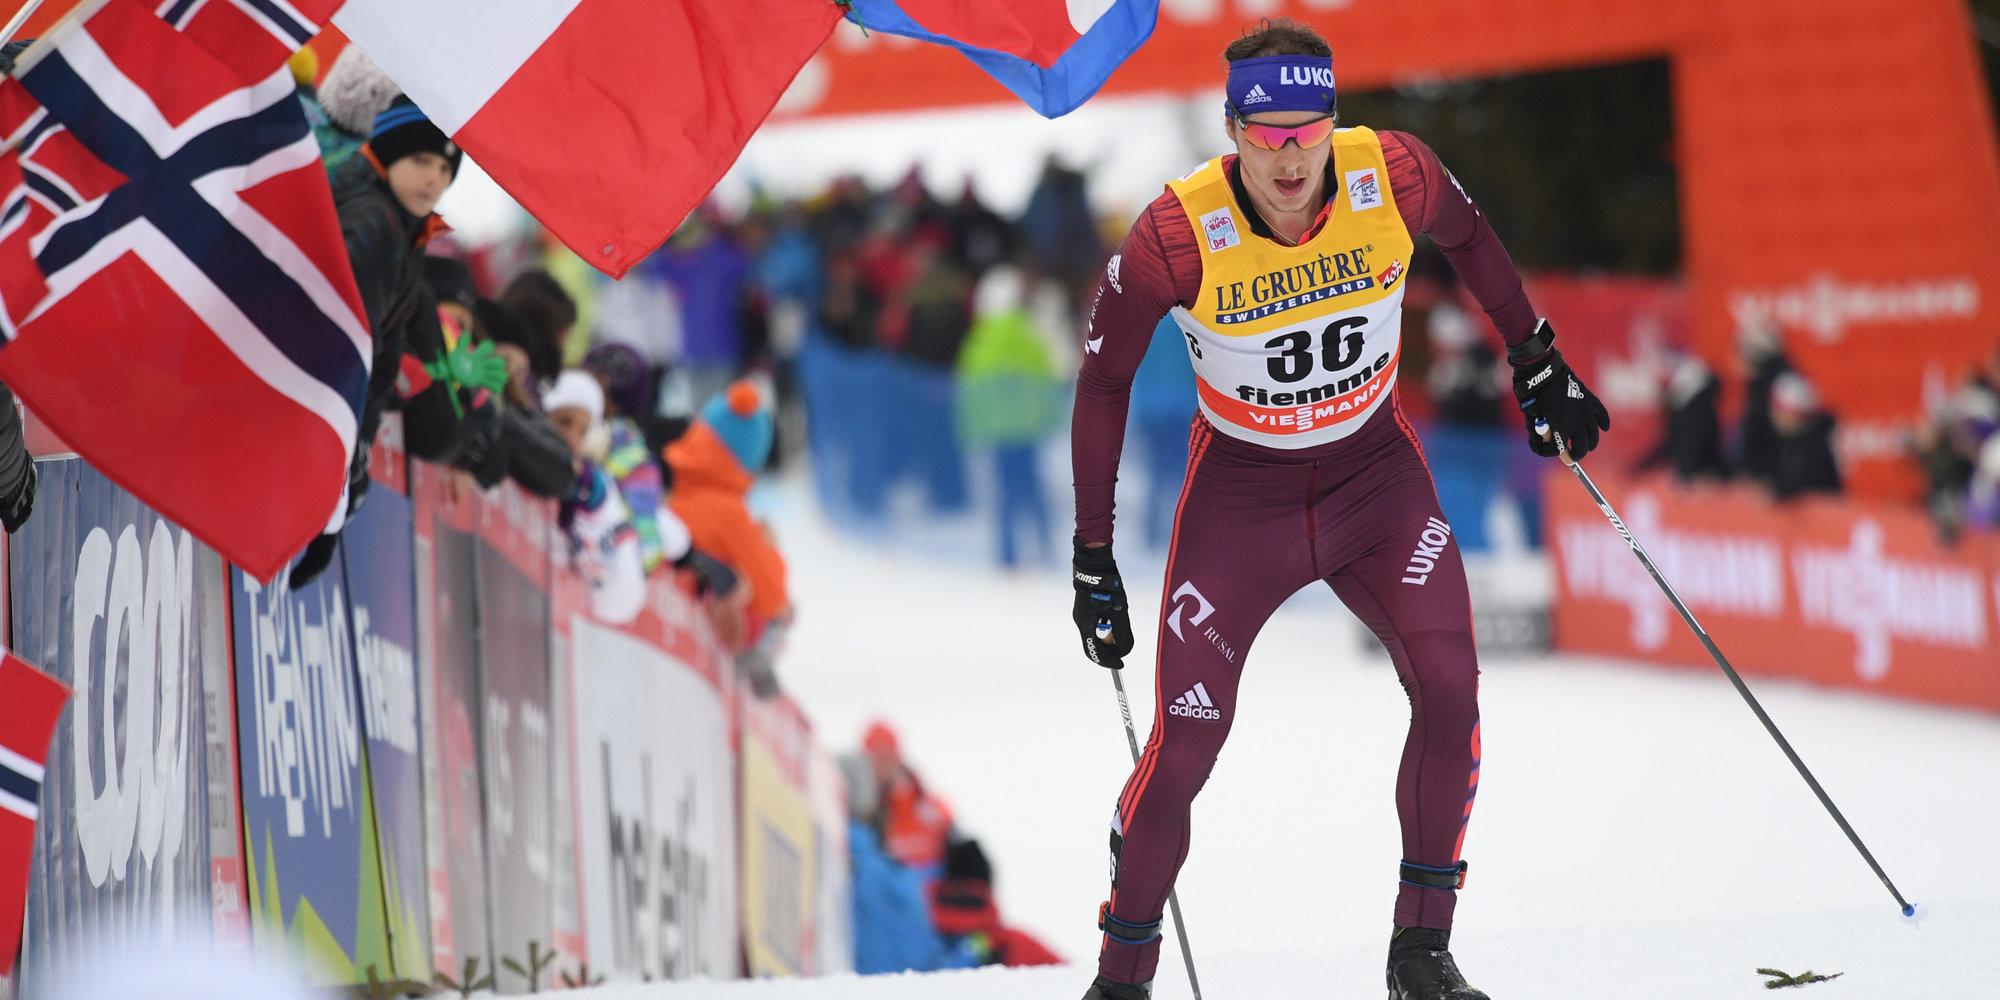 Ретивых одержал победу серебро спринта вЛахти, опередив Клебо вфинишном створе